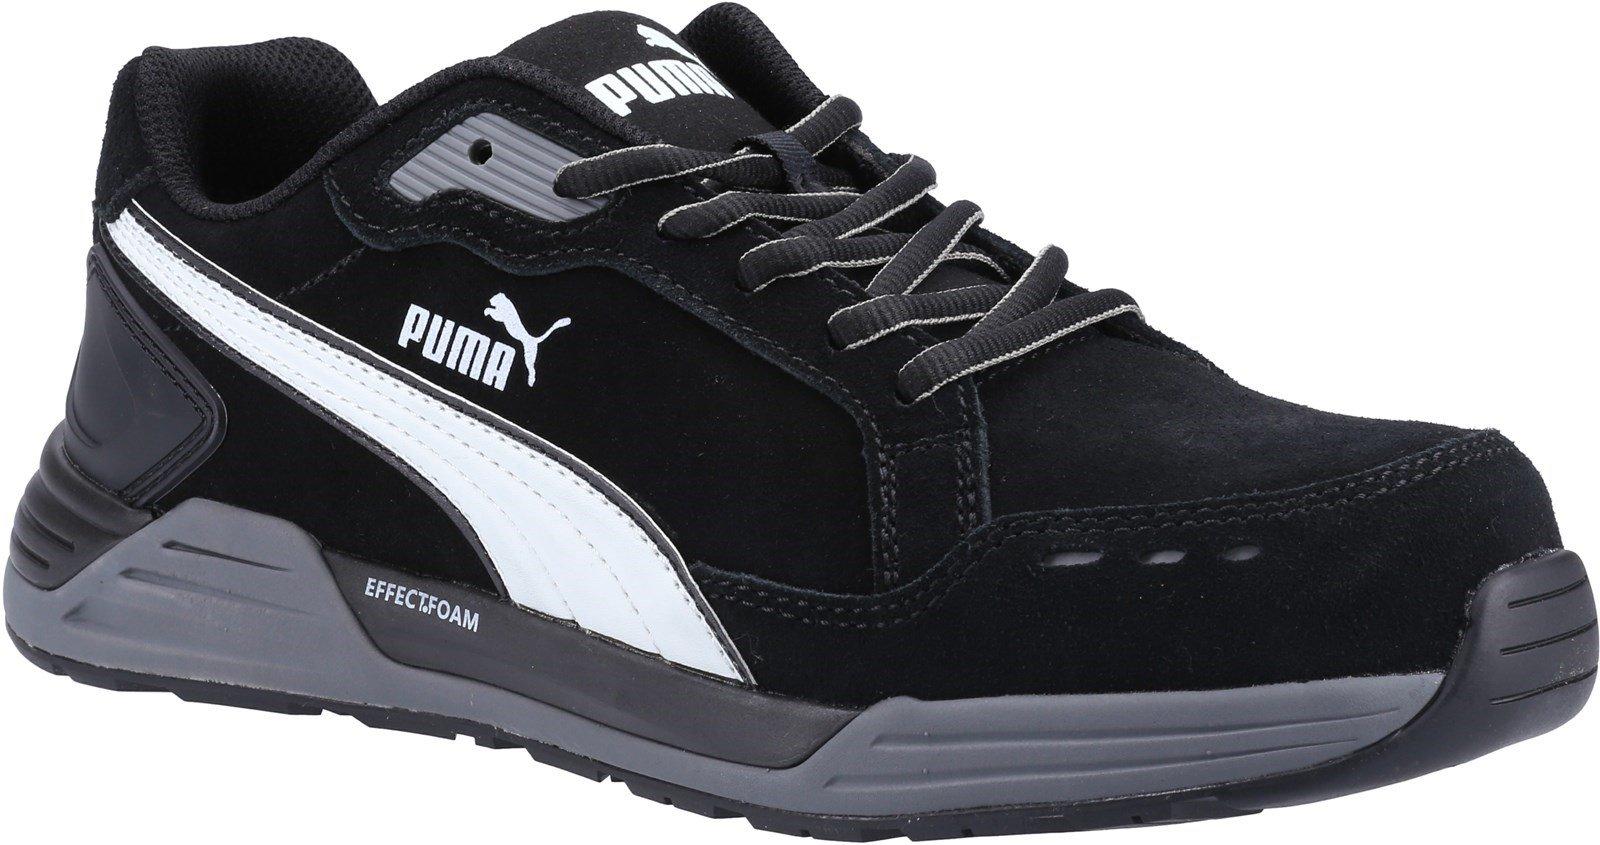 Puma Safety Unisex Airtwist Low S3 Trainer Black 32825 - Black 6